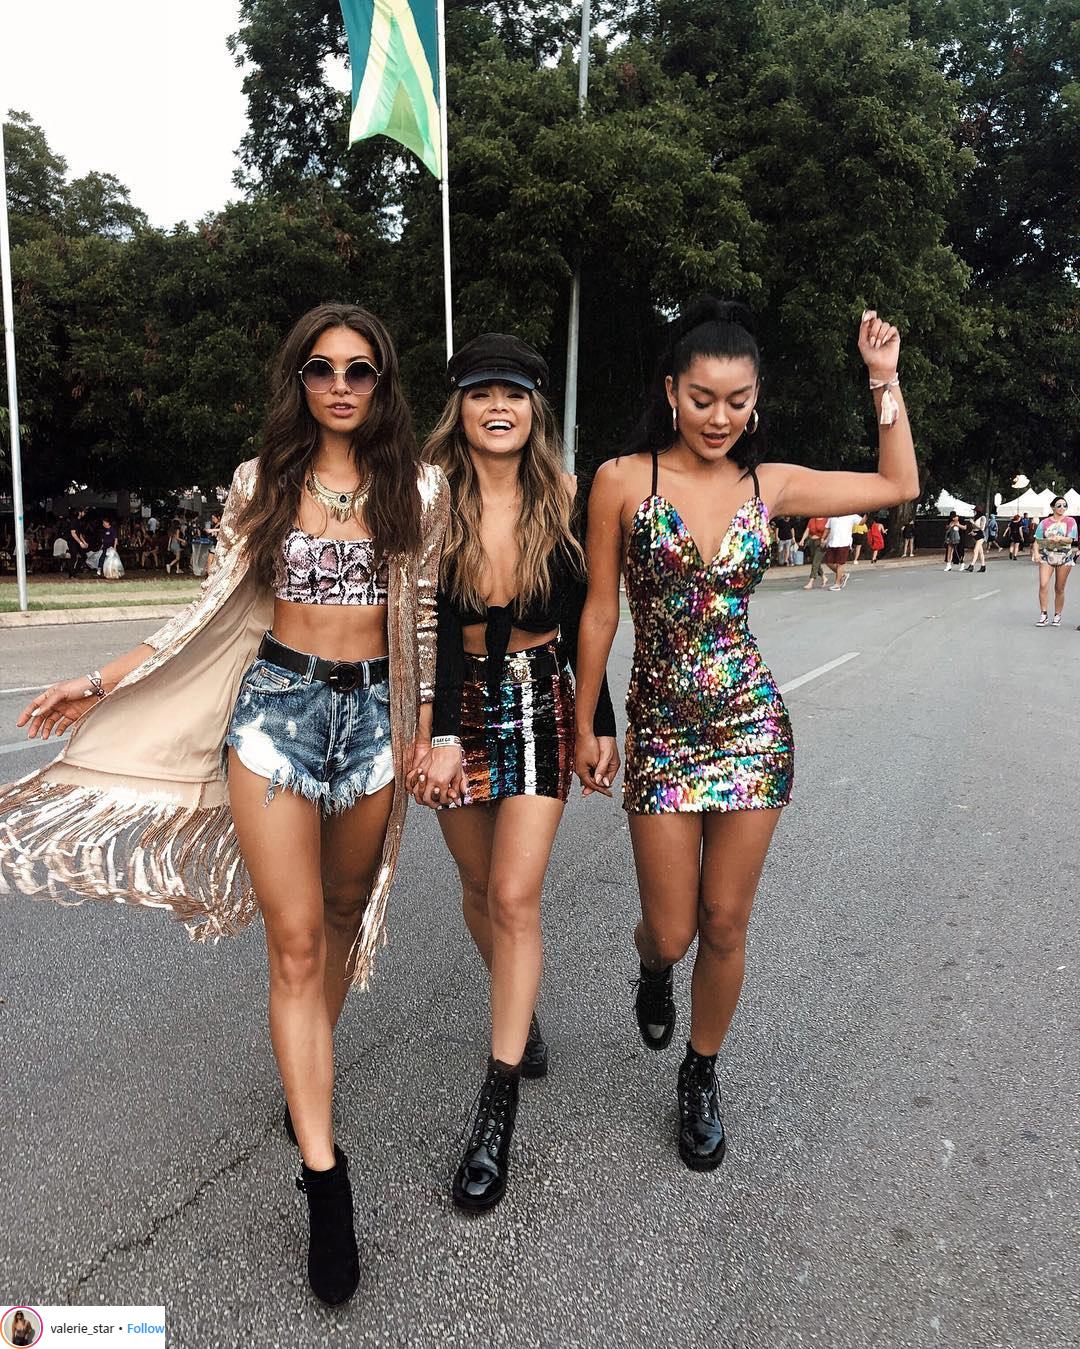 Phong cách thời trang phóng khoáng đầy mê hoặc của các cô gái Los Angeles